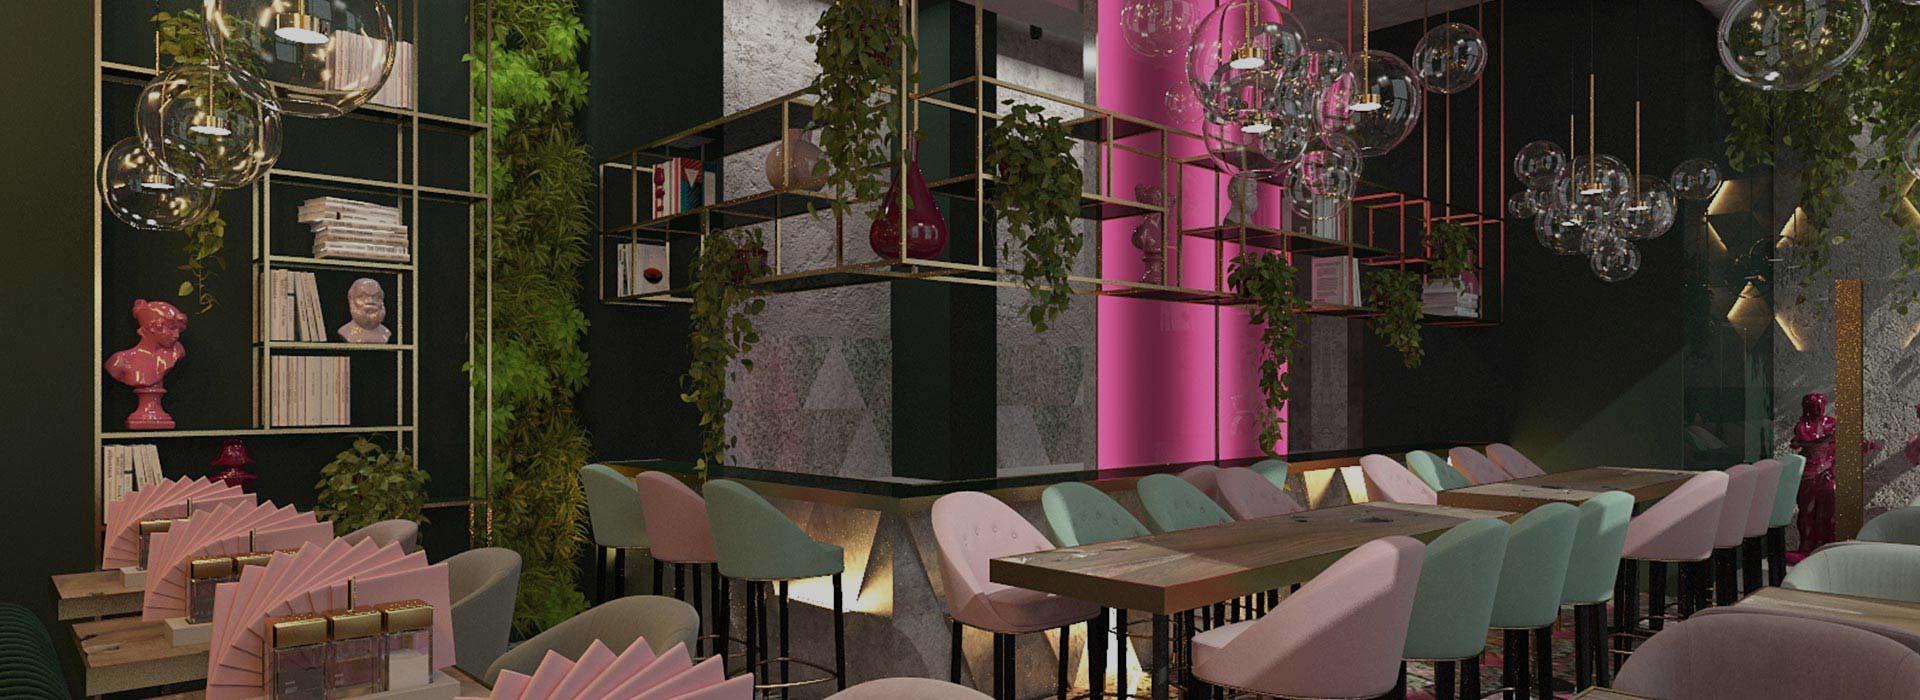 Дизайн интерьра кафе и ресторанов